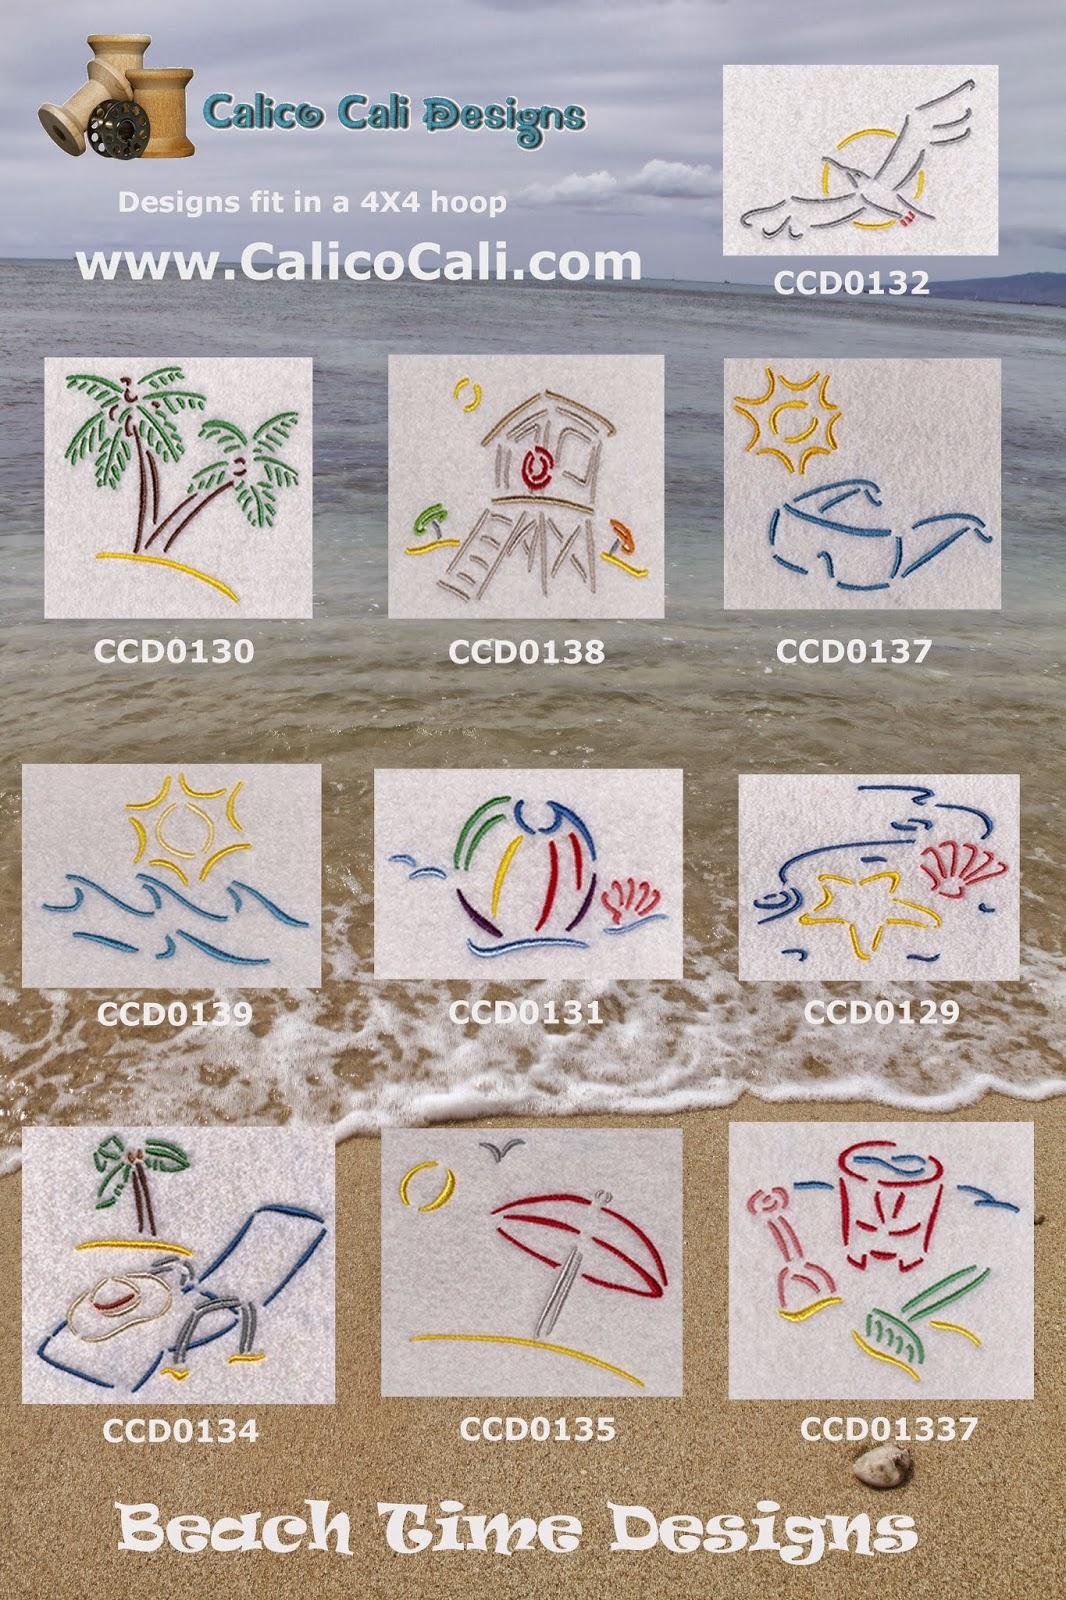 Beach Time Designs